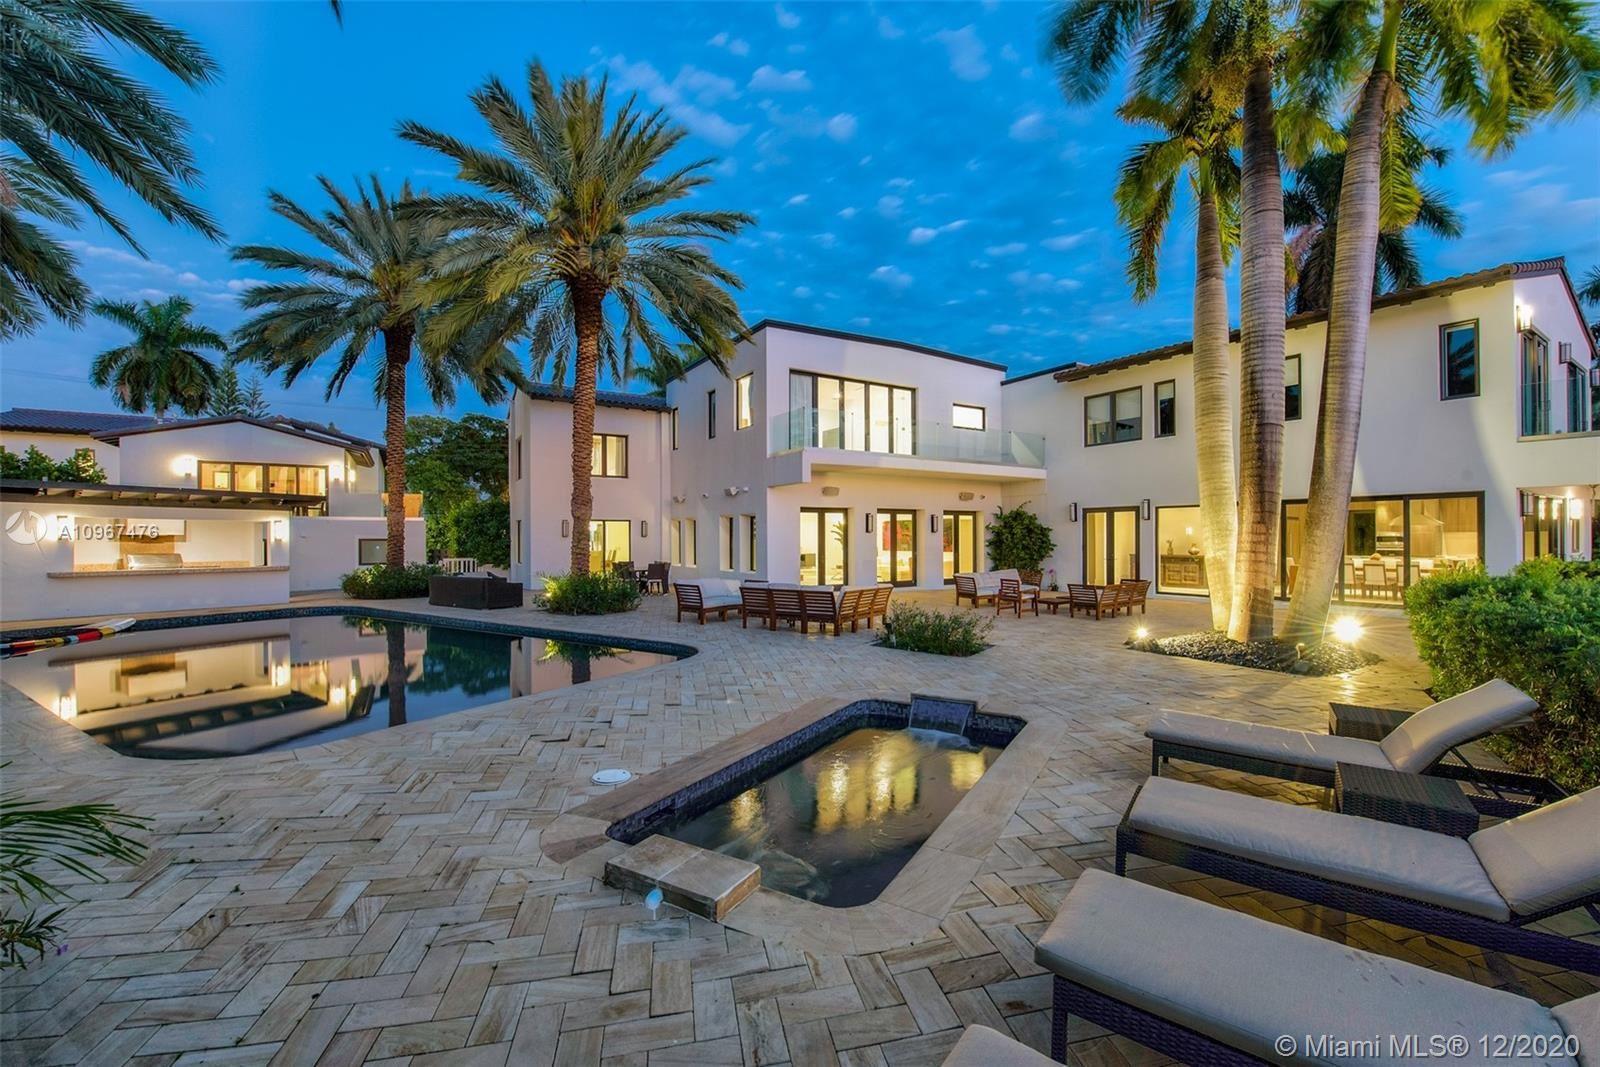 Photo of 2700 N Bay Rd, Miami Beach, FL 33140 (MLS # A10967476)